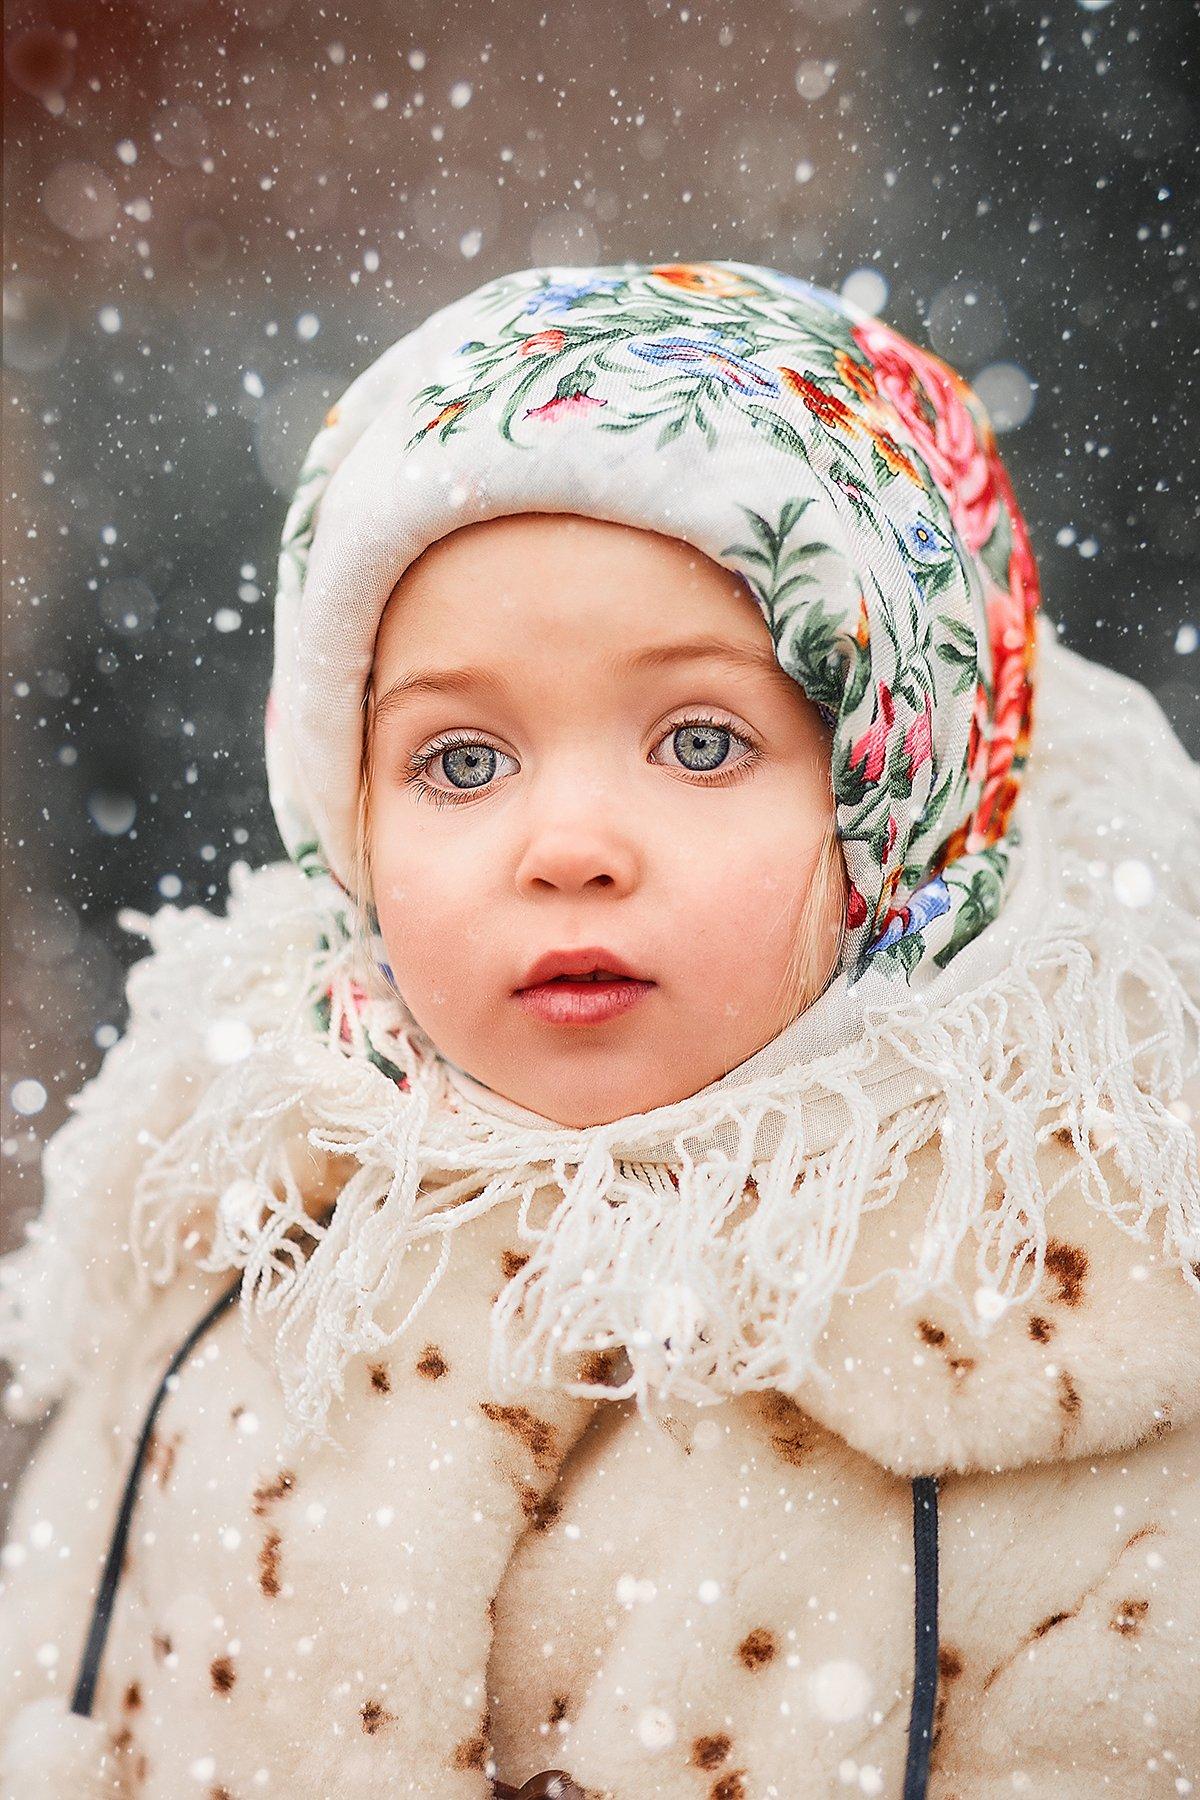 детский портрет, детская фотографий,  красавица, зима , русская красавица, советский ребенок, дети модели, Чупико Анастасия